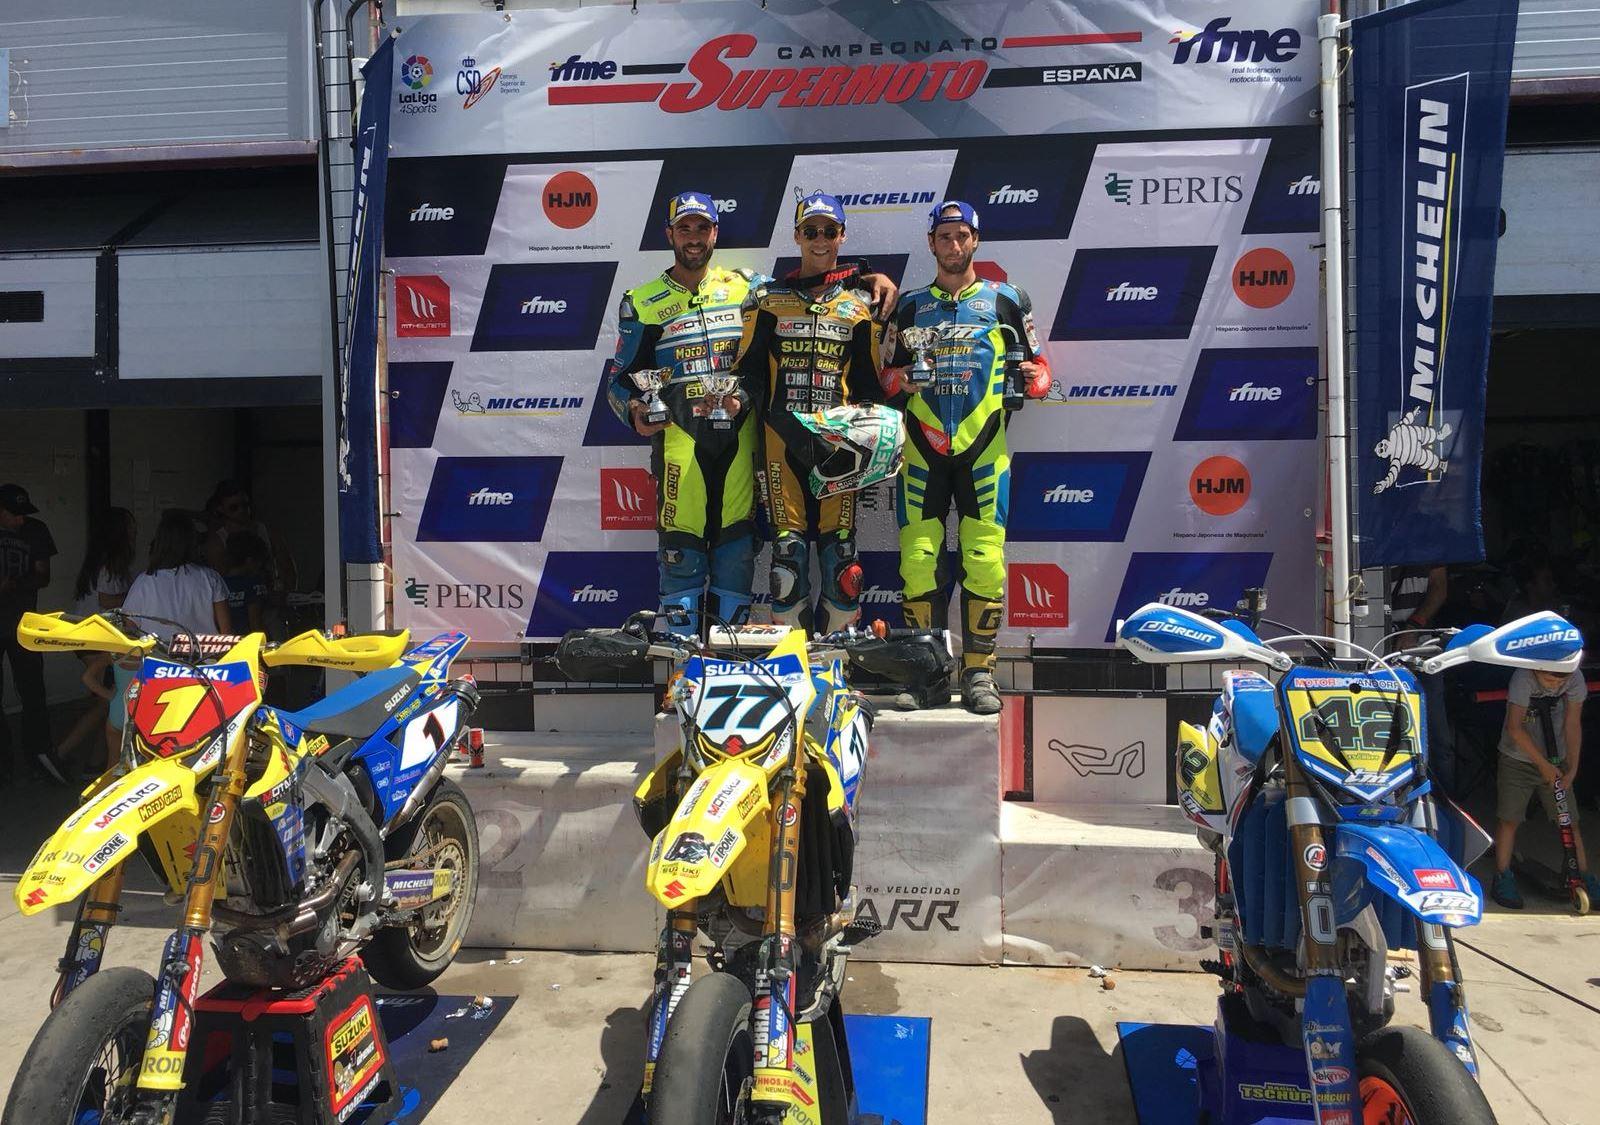 Circuito Kotarr : Rfme grandes carreras en el supermoto de kotarr con luchas por